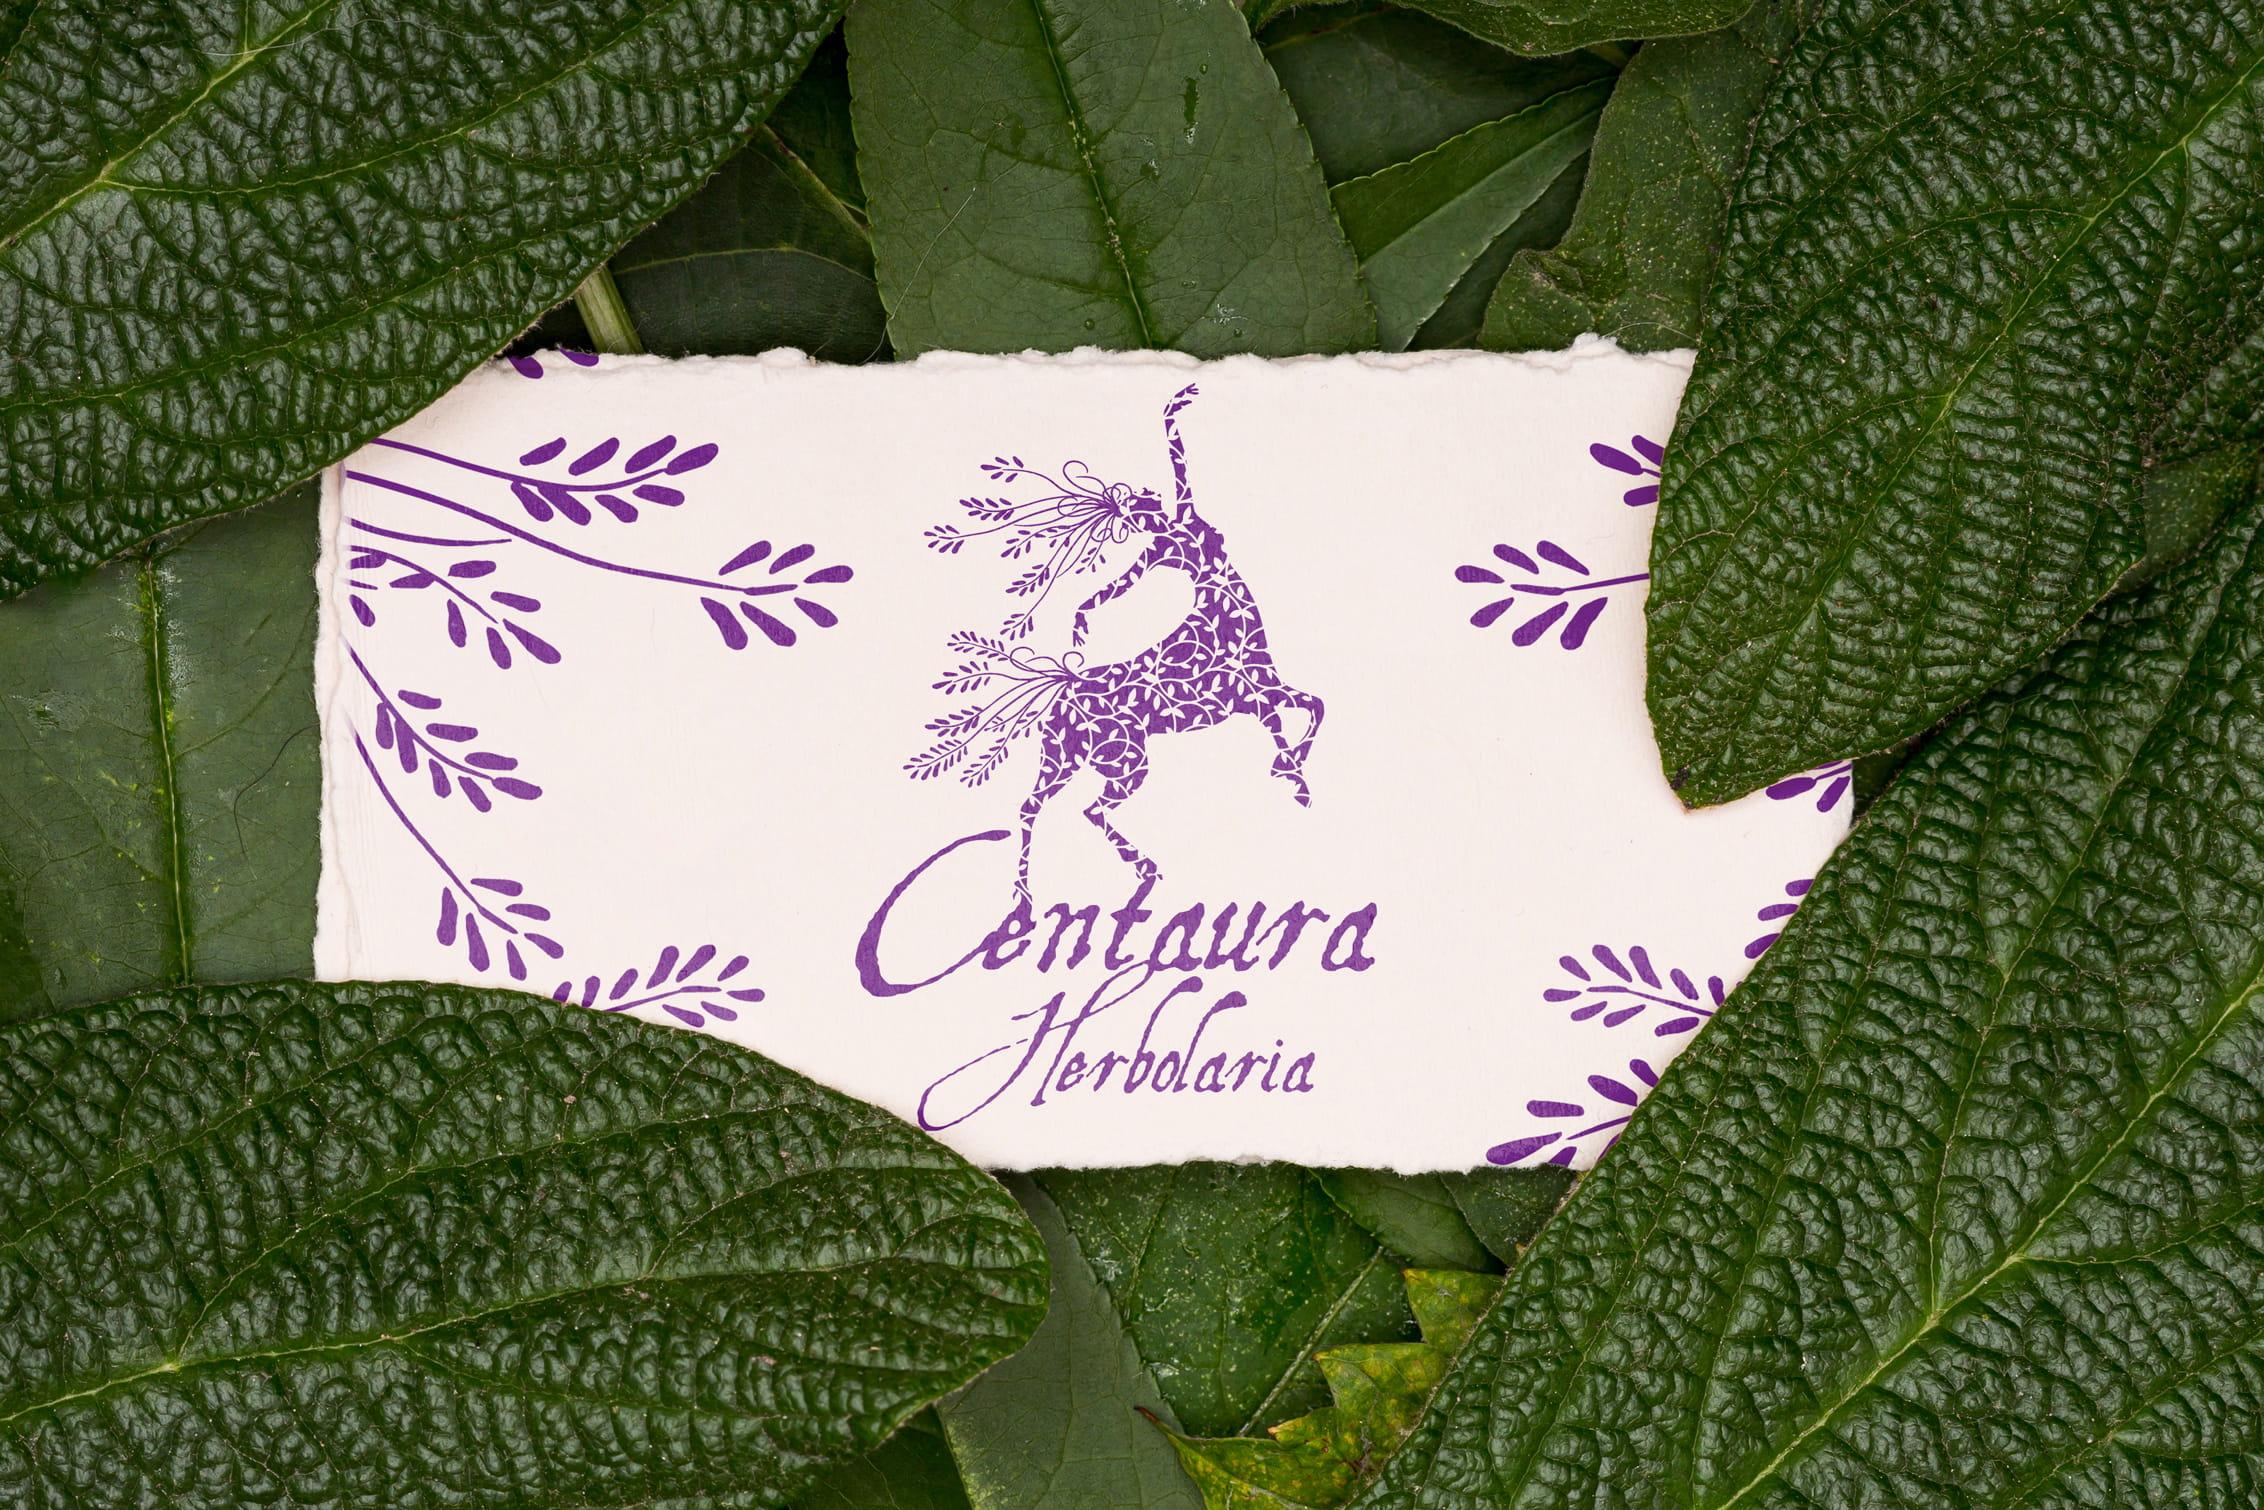 papel y hojas centaura herbolaria - Portafolio